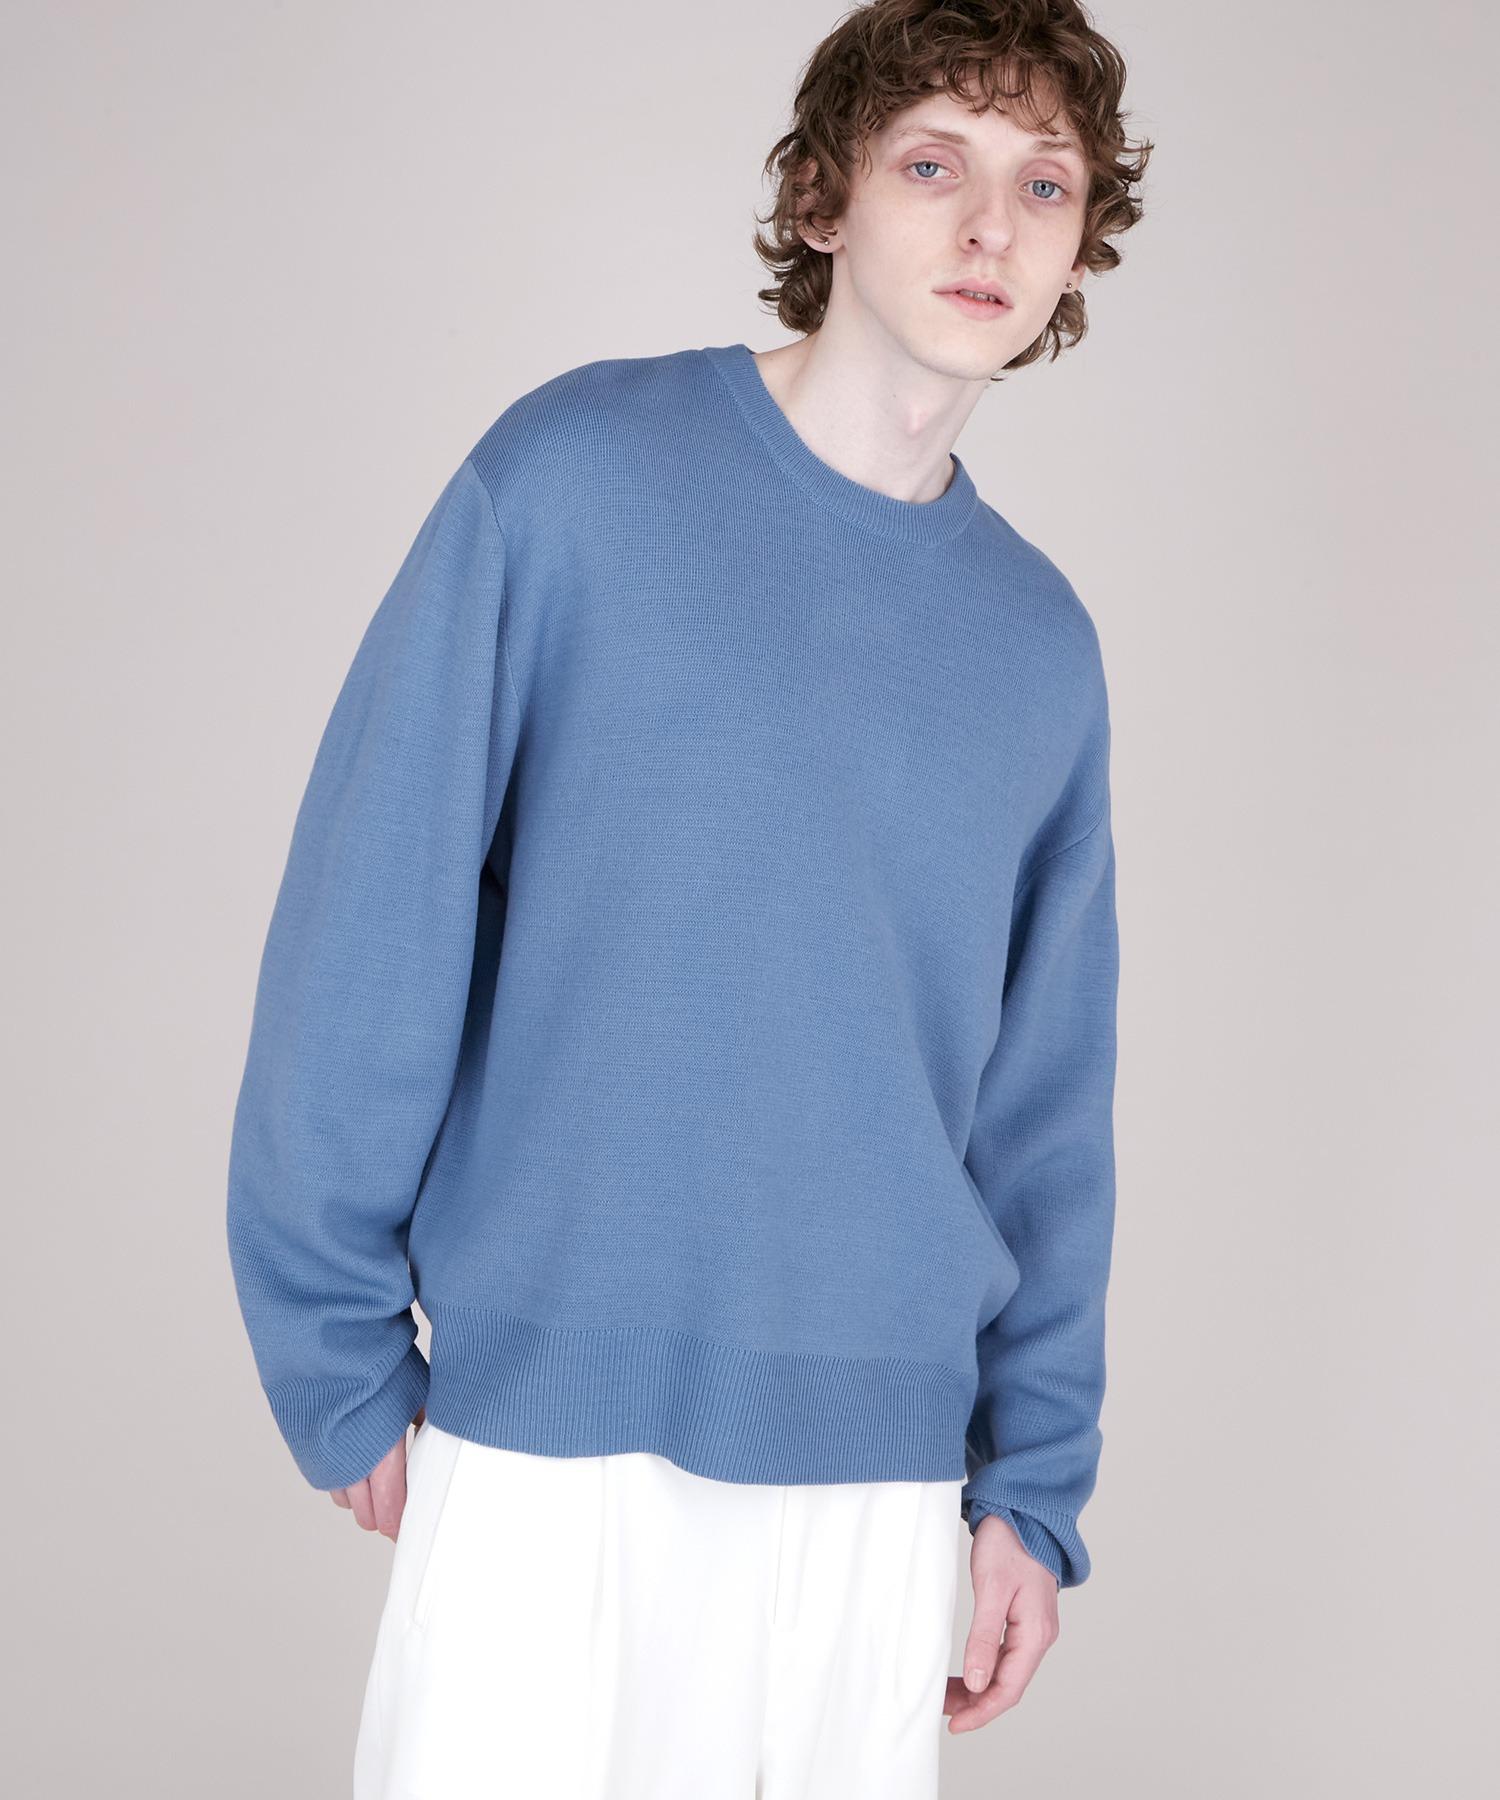 オーバーサイズ畦クルーネックニットプルオーバー (EMMA CLOTHES)